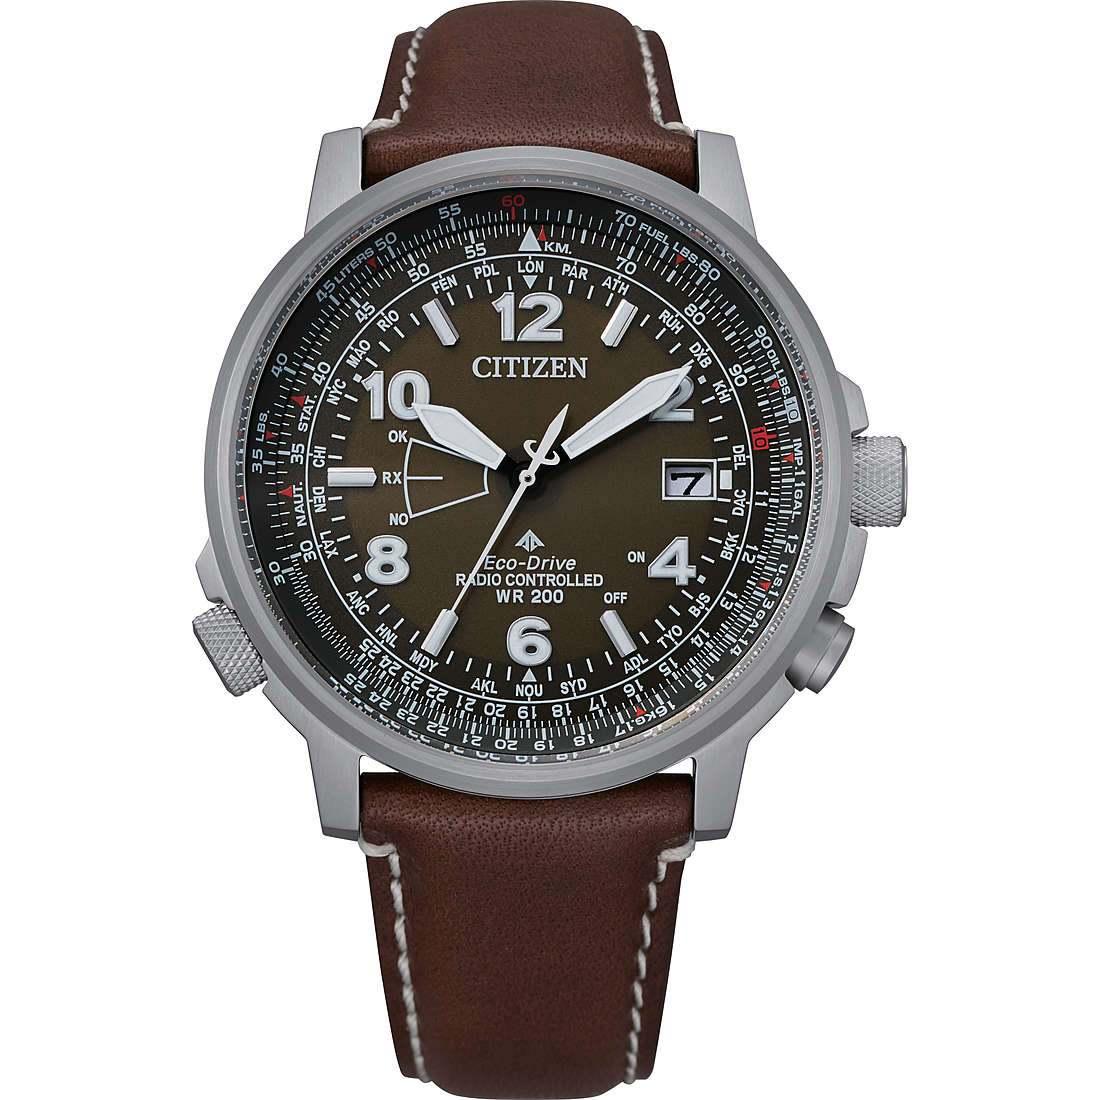 Orologio multifunzione uomo citizen pilot cb0240 29x